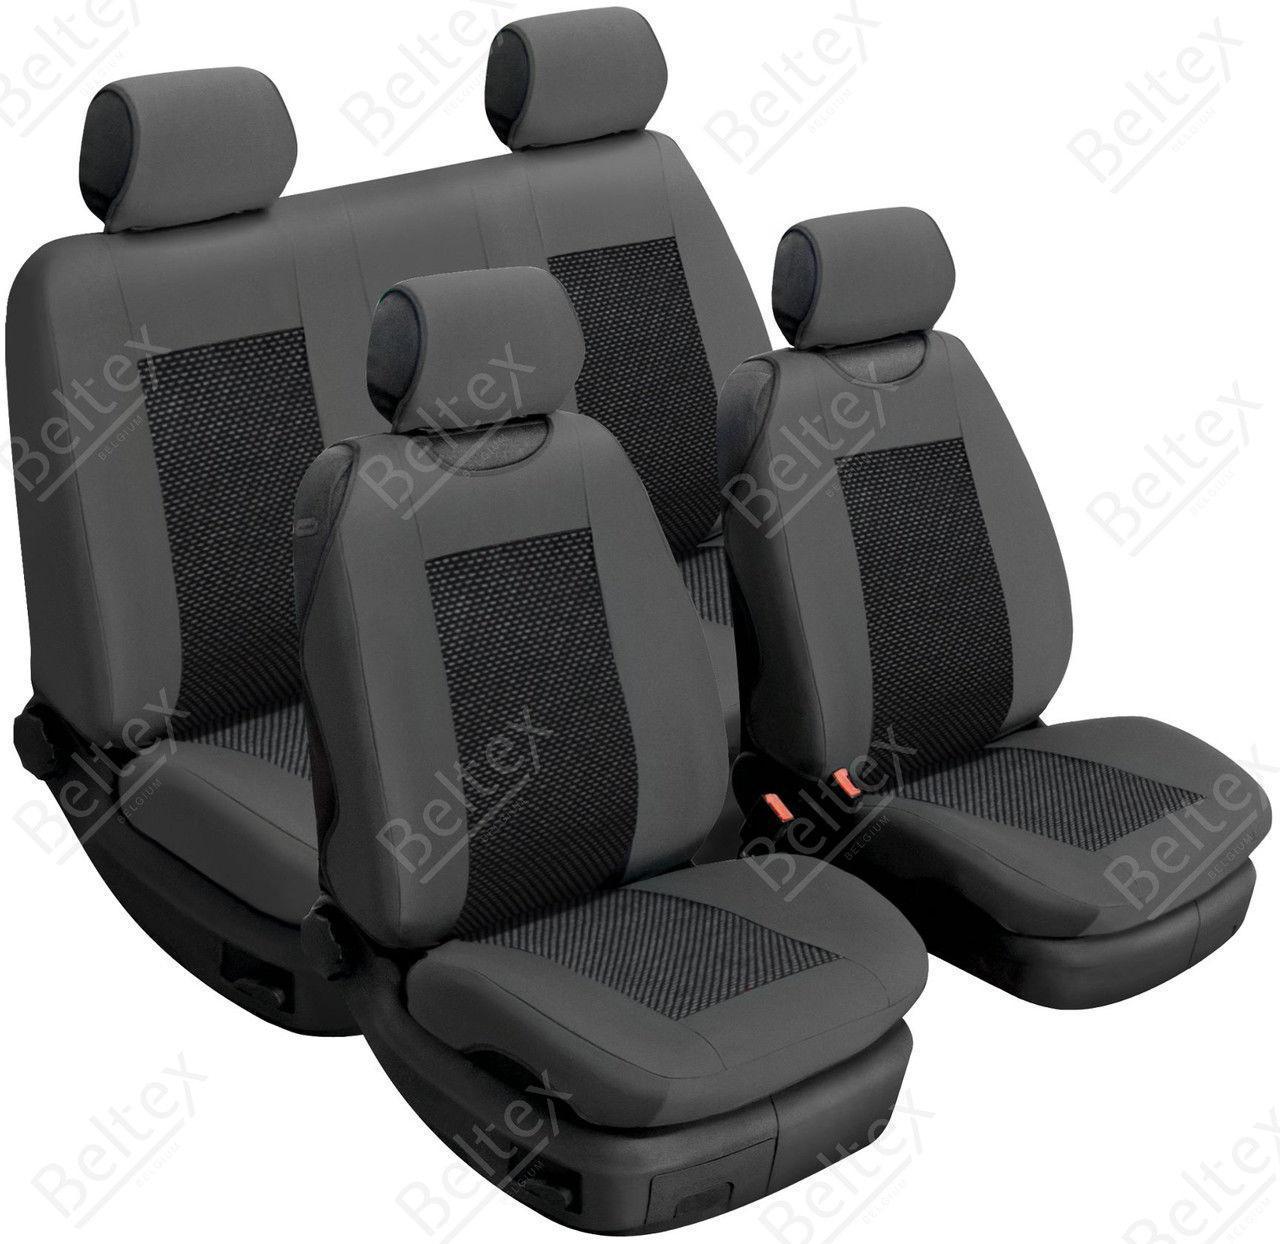 Майки/чохли на сидіння Субару Трібека (Subaru Tribeca)